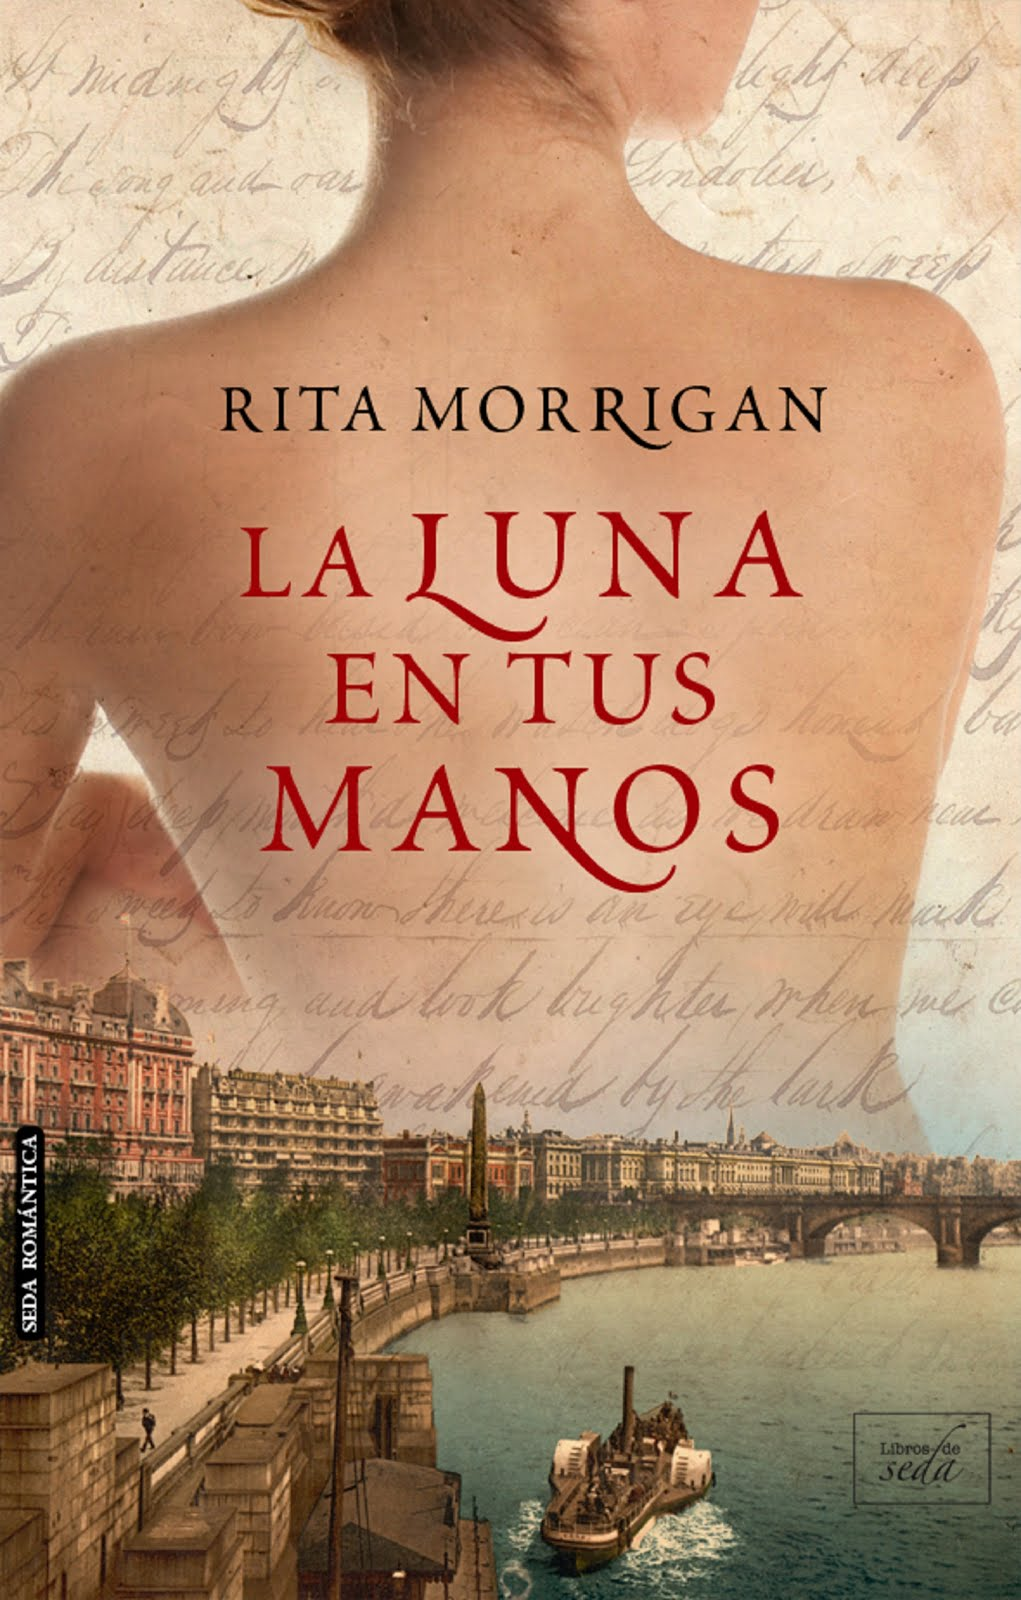 Un amor prohibido y una aventura apasionante entre Inglaterra y la Cuba del siglo XIX.